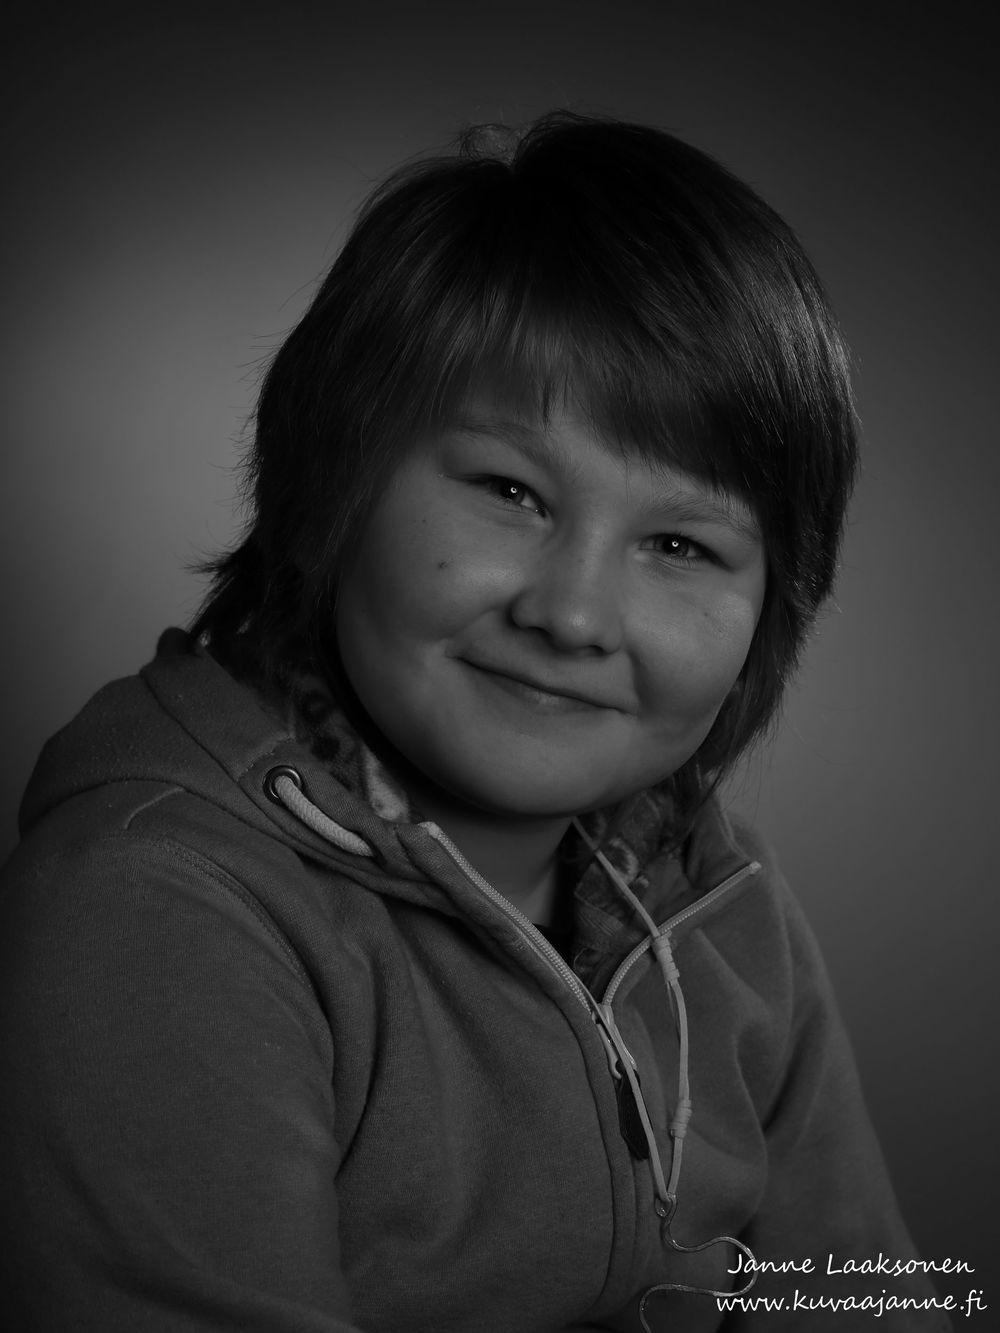 Lapsikuva studiossa, valokuvaaja Janne Laaksonen, Riihimäki.